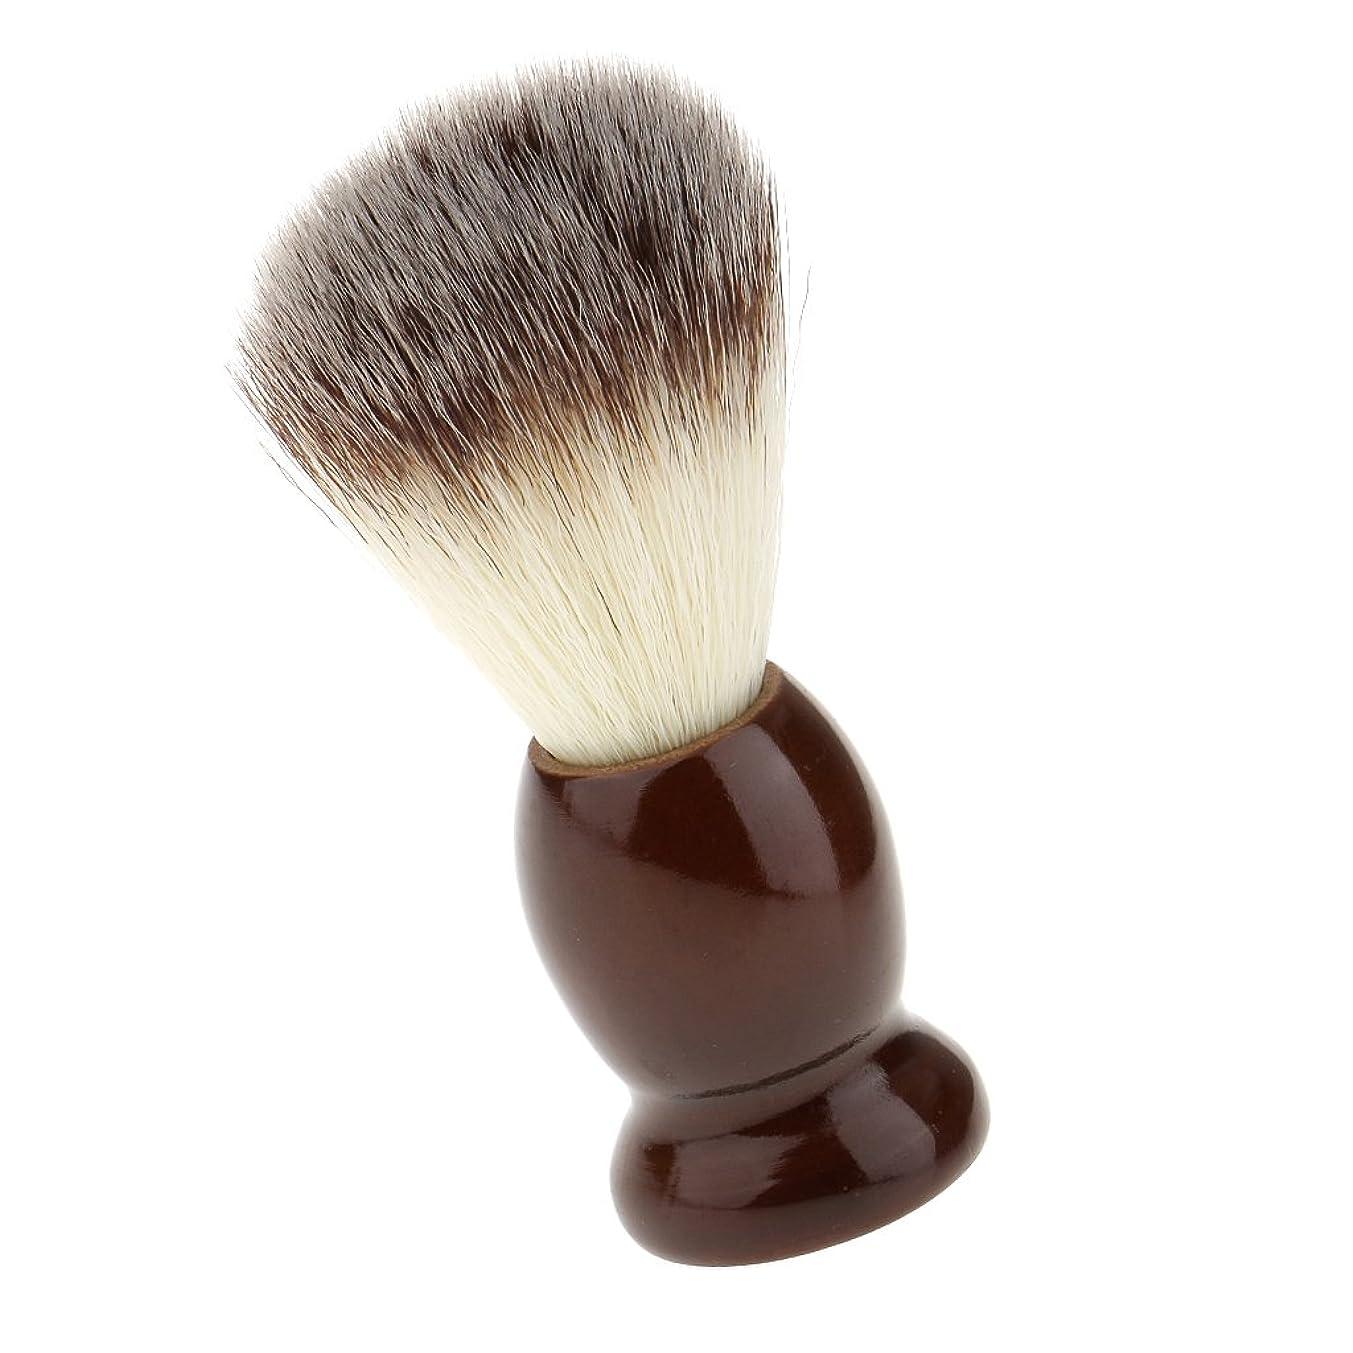 キャリッジ昼間狂信者SONONIA ナイロン製 シェービングブラシ サロン 柔らかい 髭剃り 洗顔 理容   便携 10.5cm  ブラウン